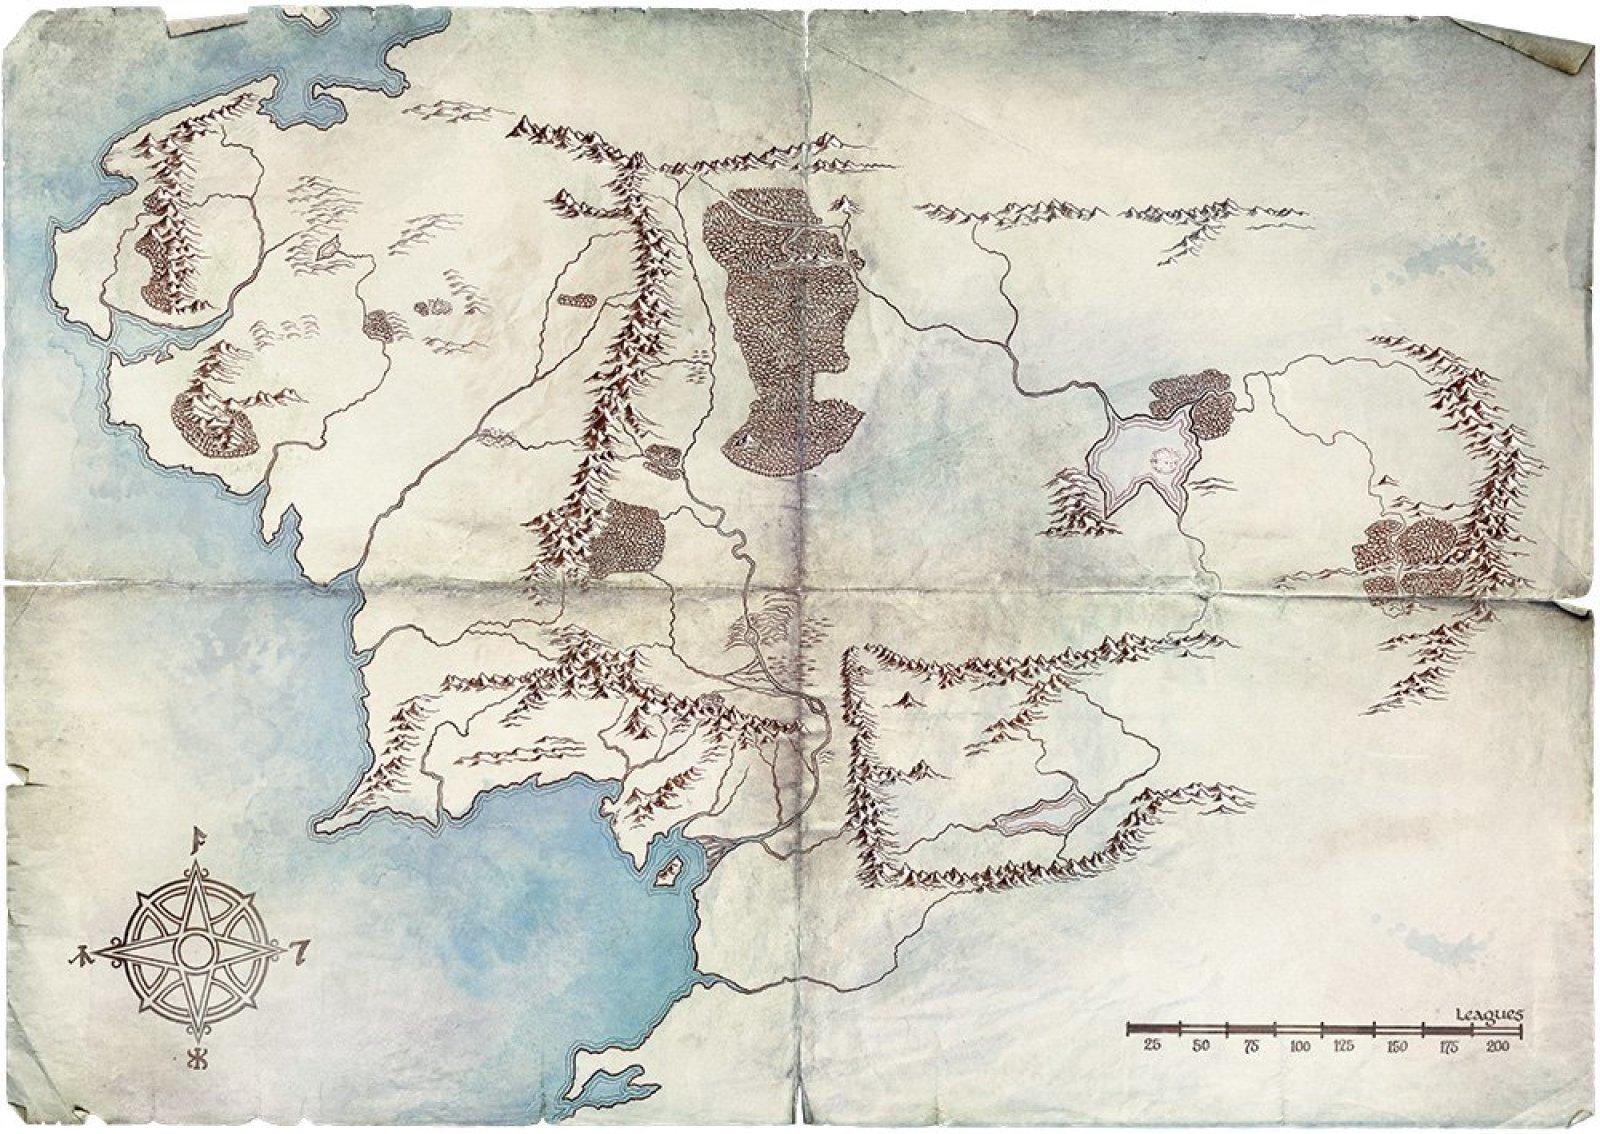 Първият тийзър на сериала Lord of the Rings на Amazon запалва интереса на феновете